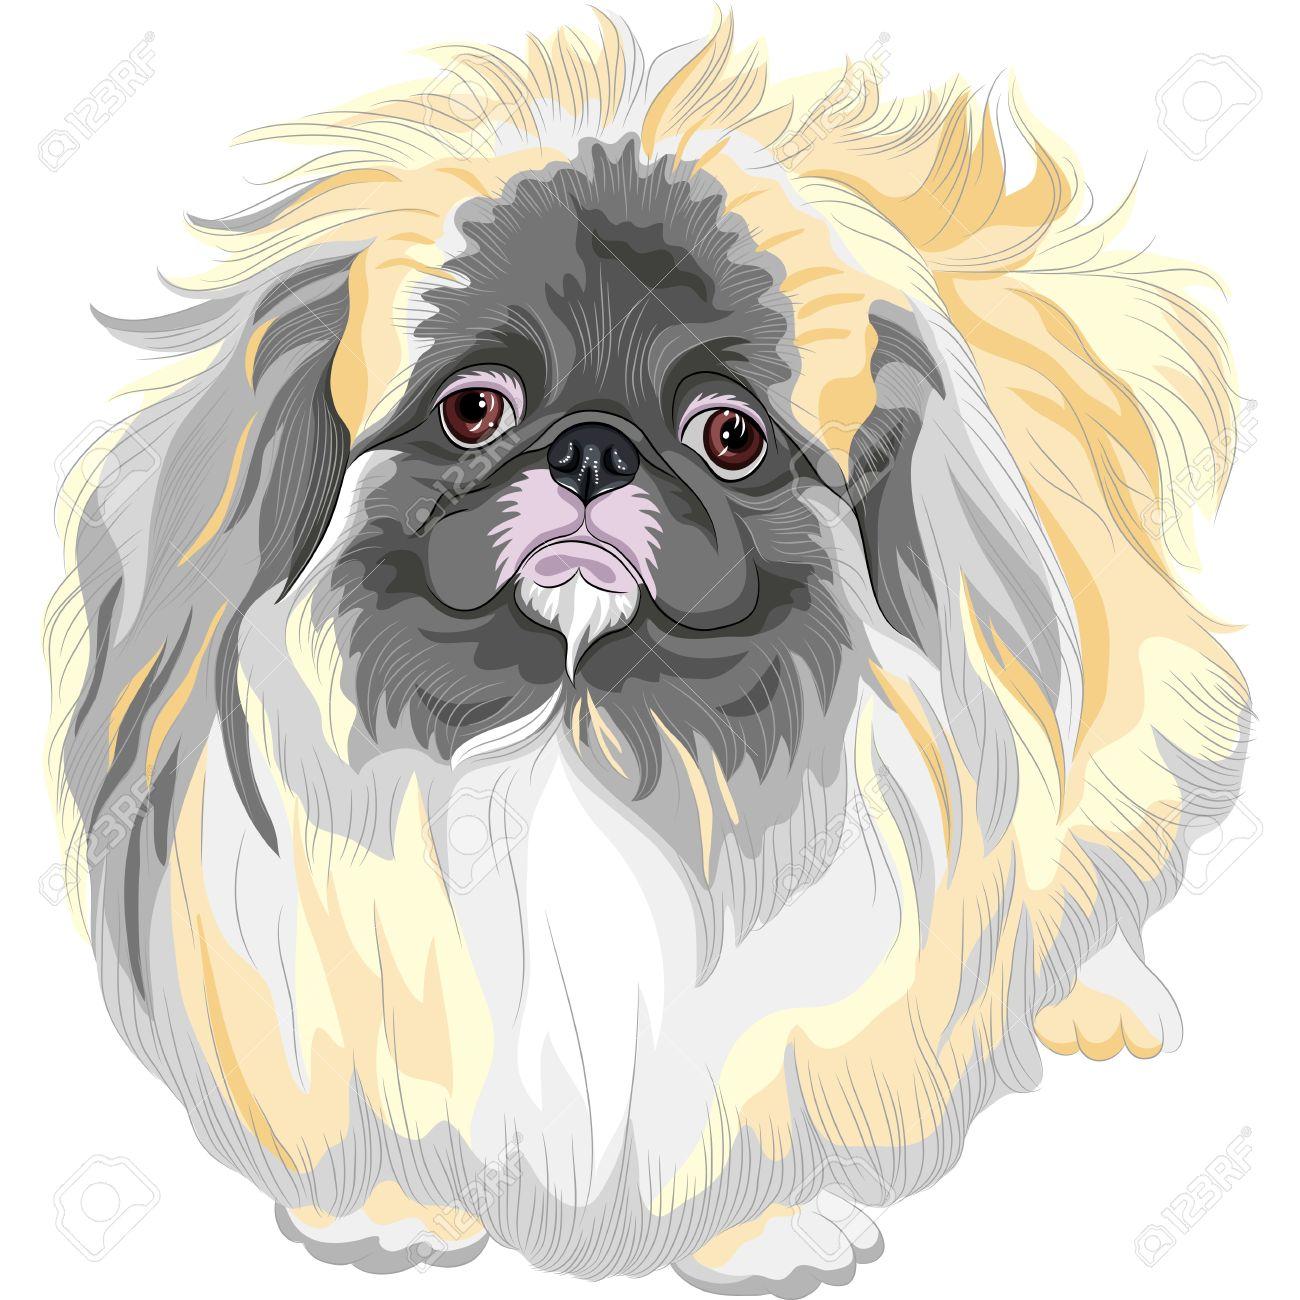 color sketch sad Sable Pekingese dog  Lion-Dog, Pekingese Lion-Dog, Pelchie Dog, or Peke Stock Vector - 17675833